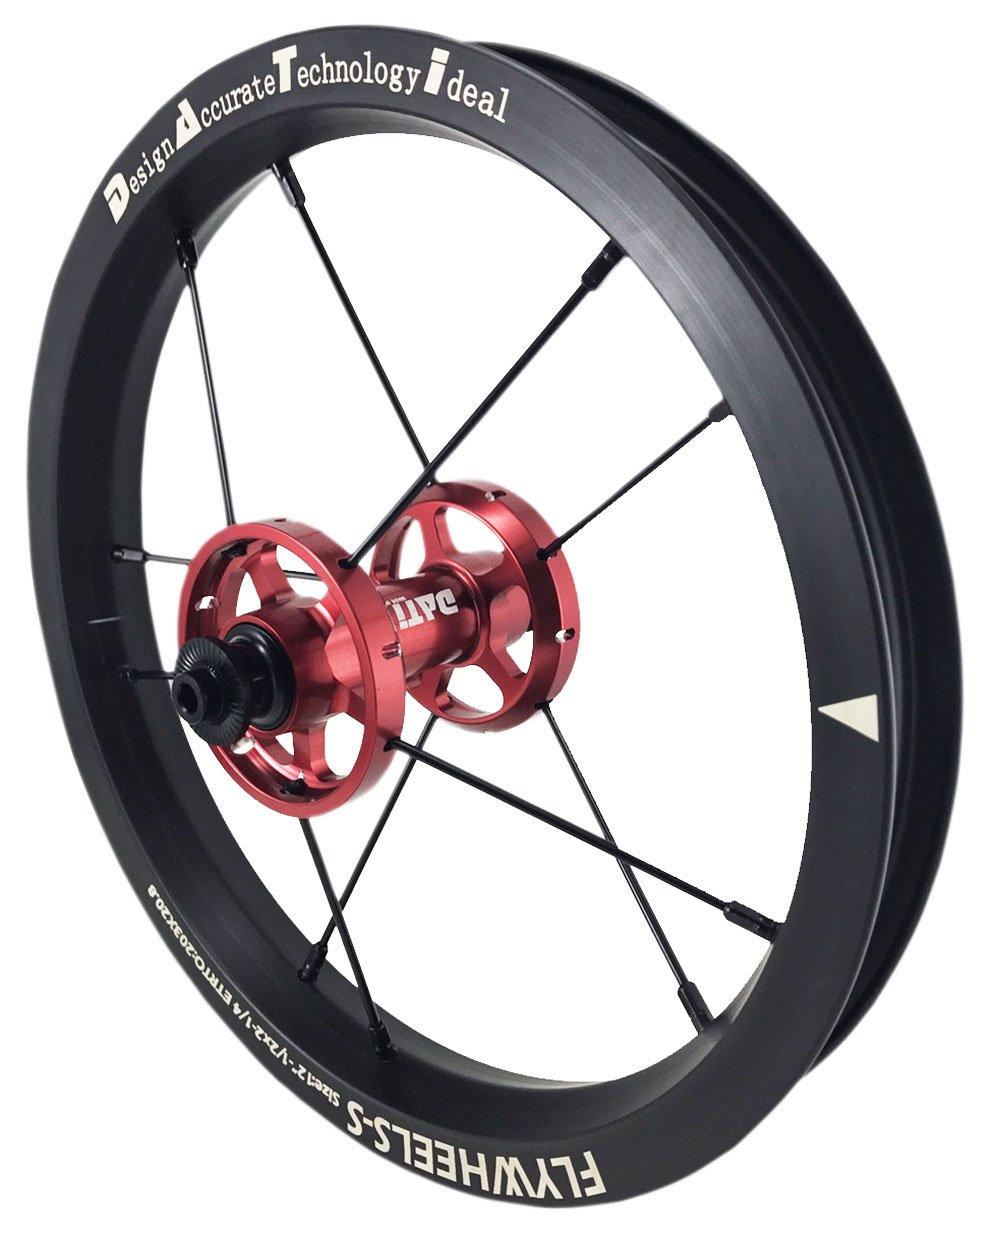 NEW DATI S6A-W AlloyPush Kids Balance Bike Bicycle Super light wheels Set 12'' F+R (RED, 95X8mm)